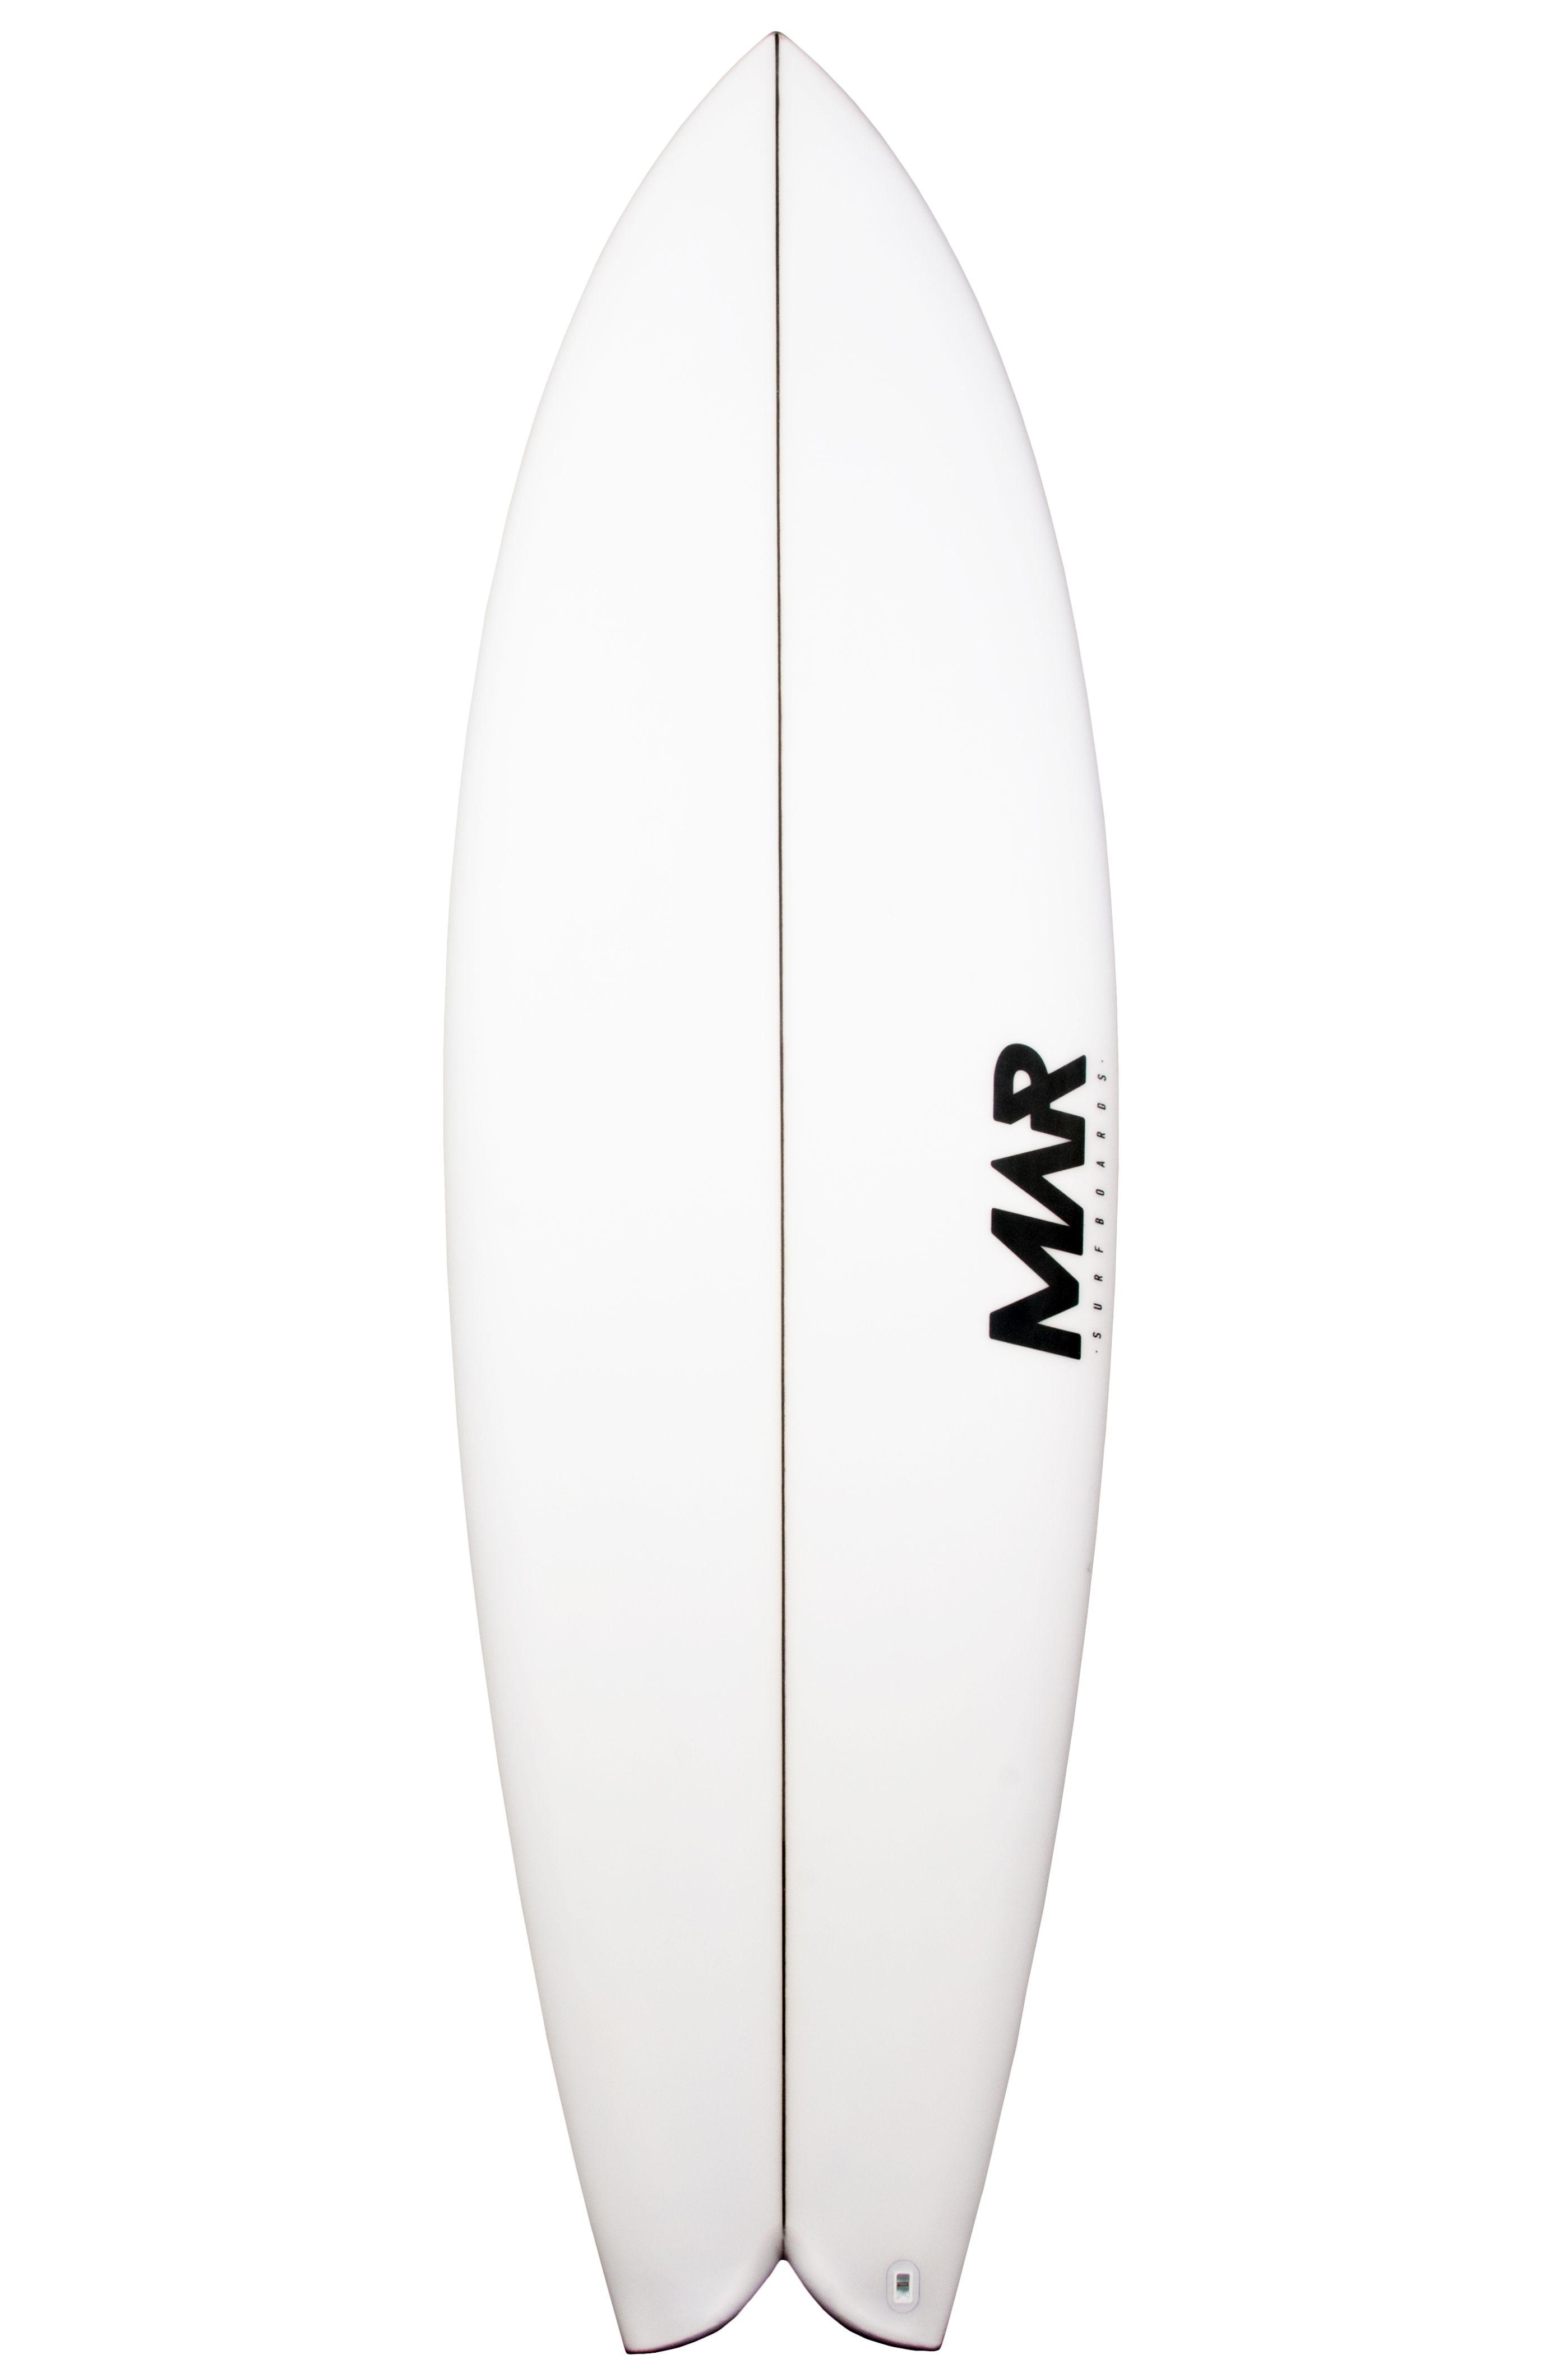 Mar Surf Board 5'10 MAR P2 PU Fish Tail - White FCS II Twin Tab 5ft10